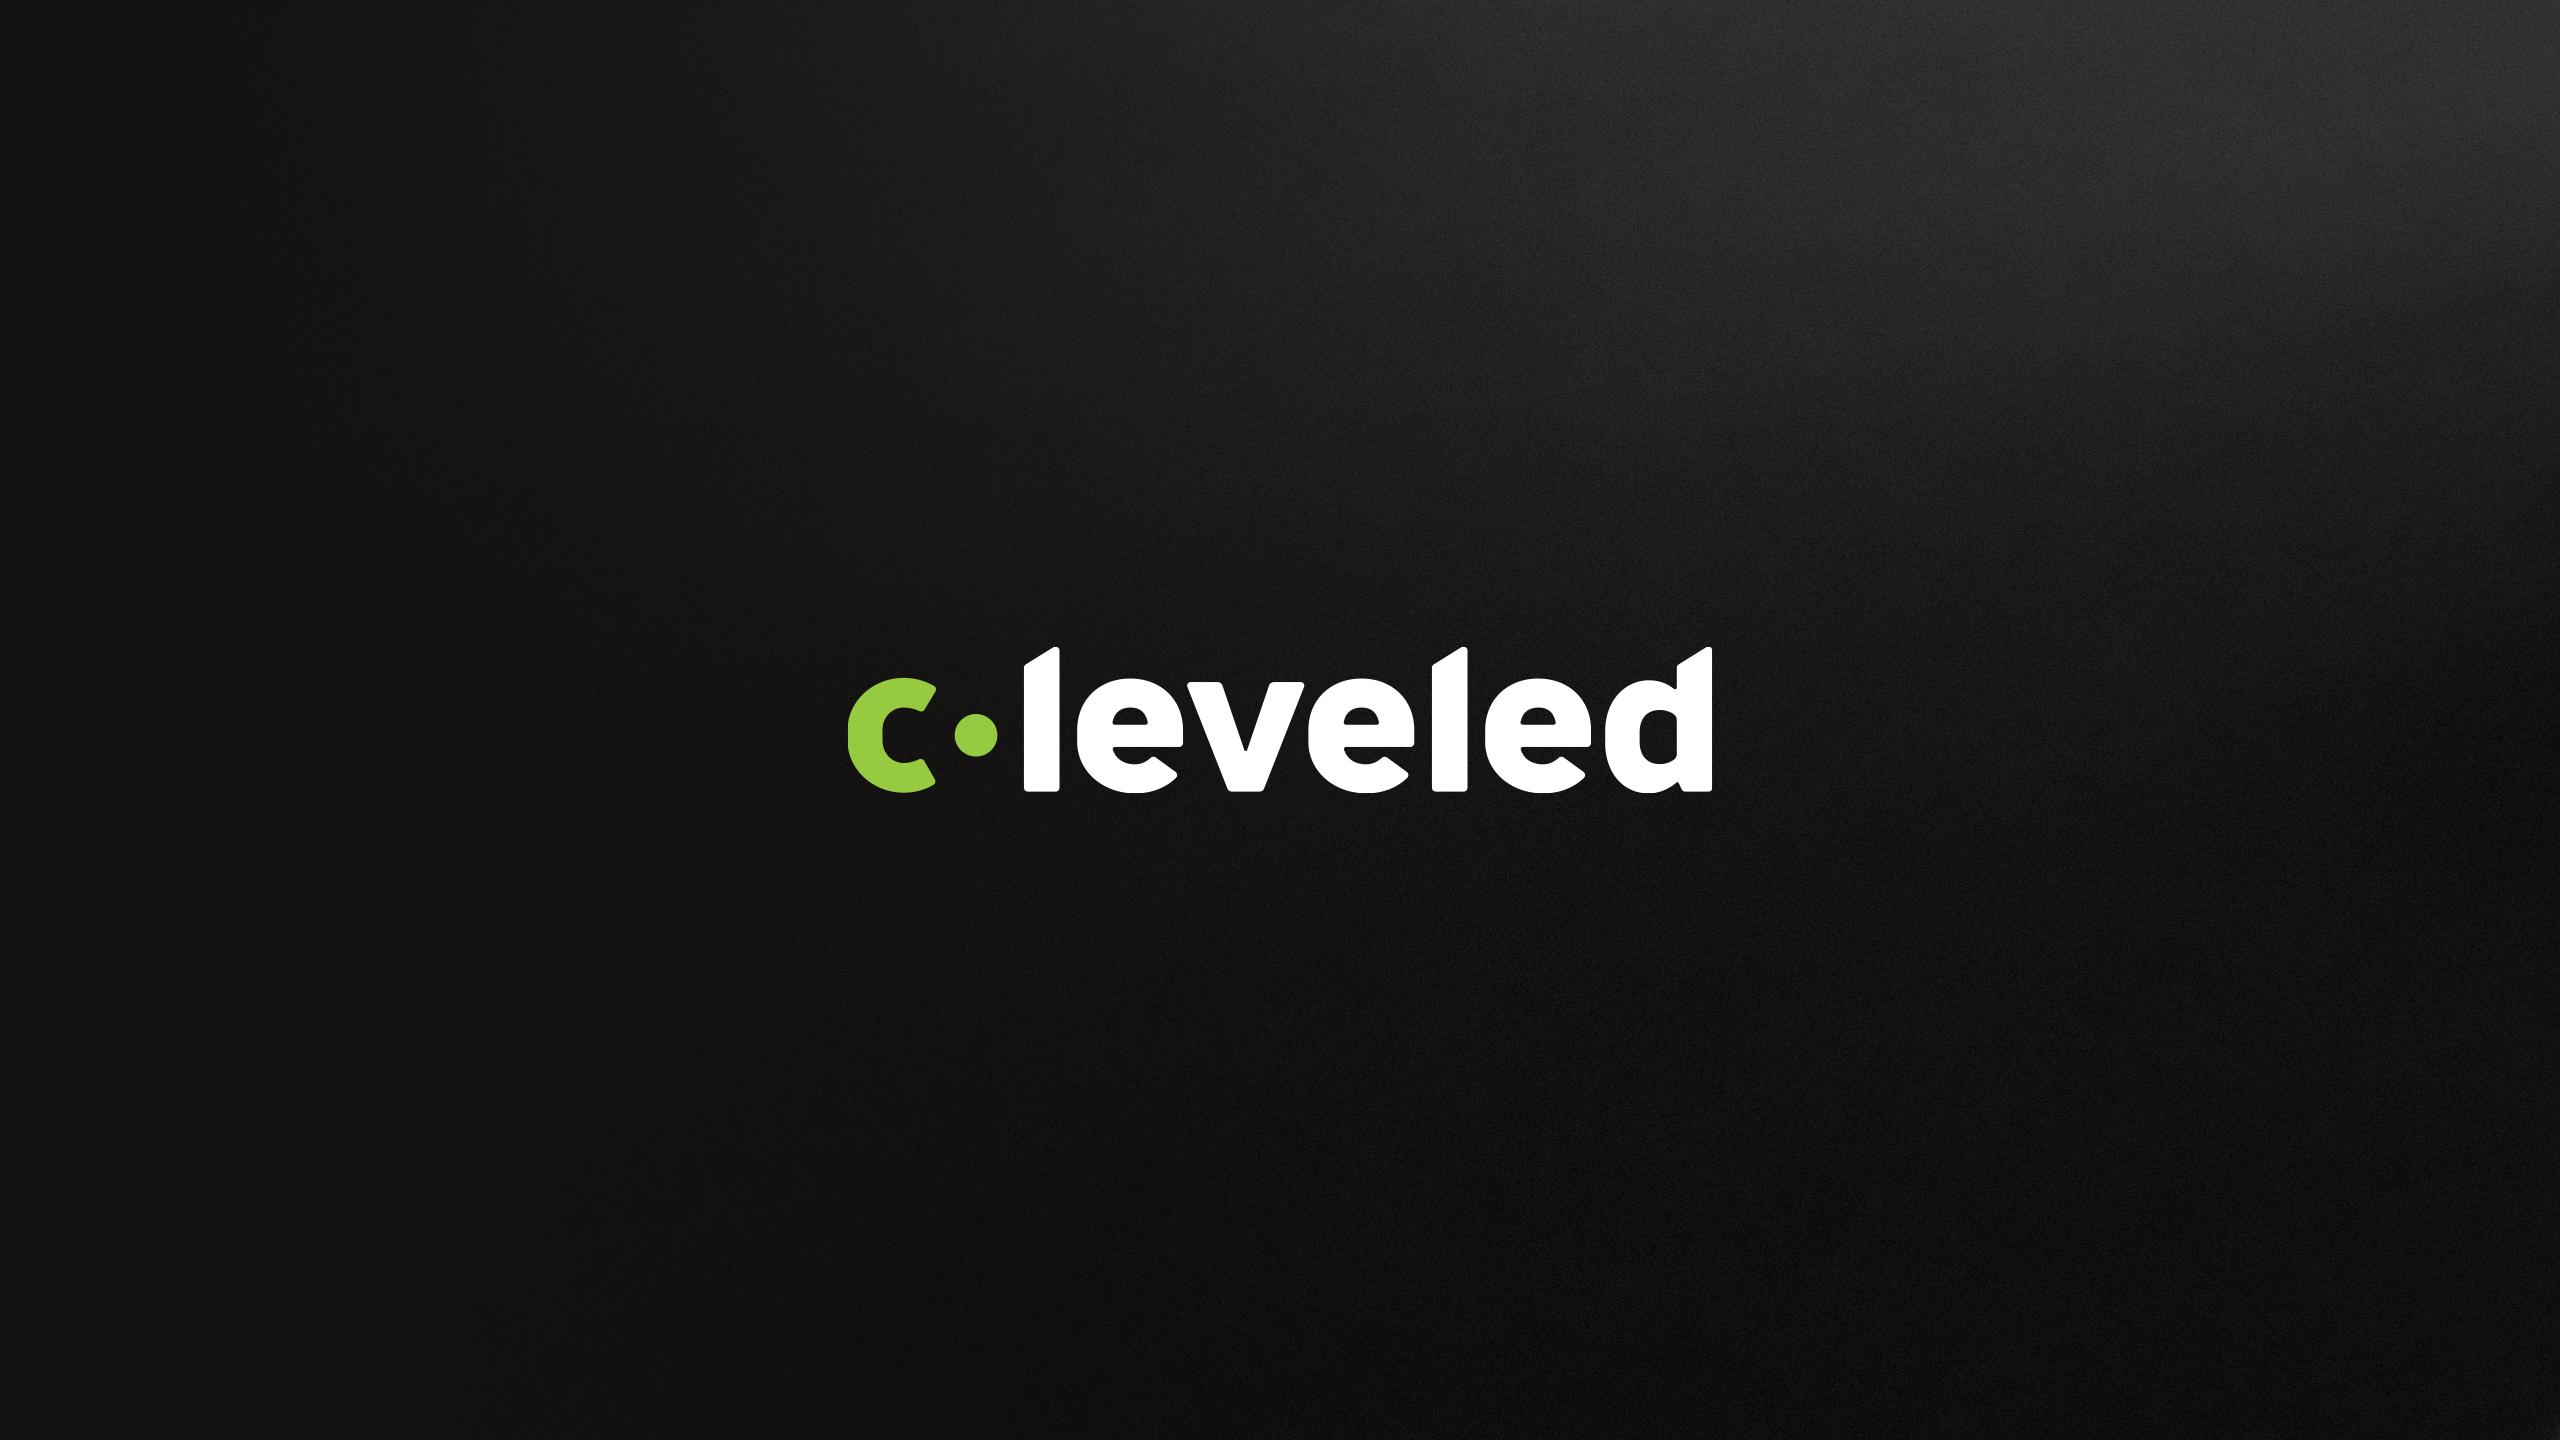 C-leveled